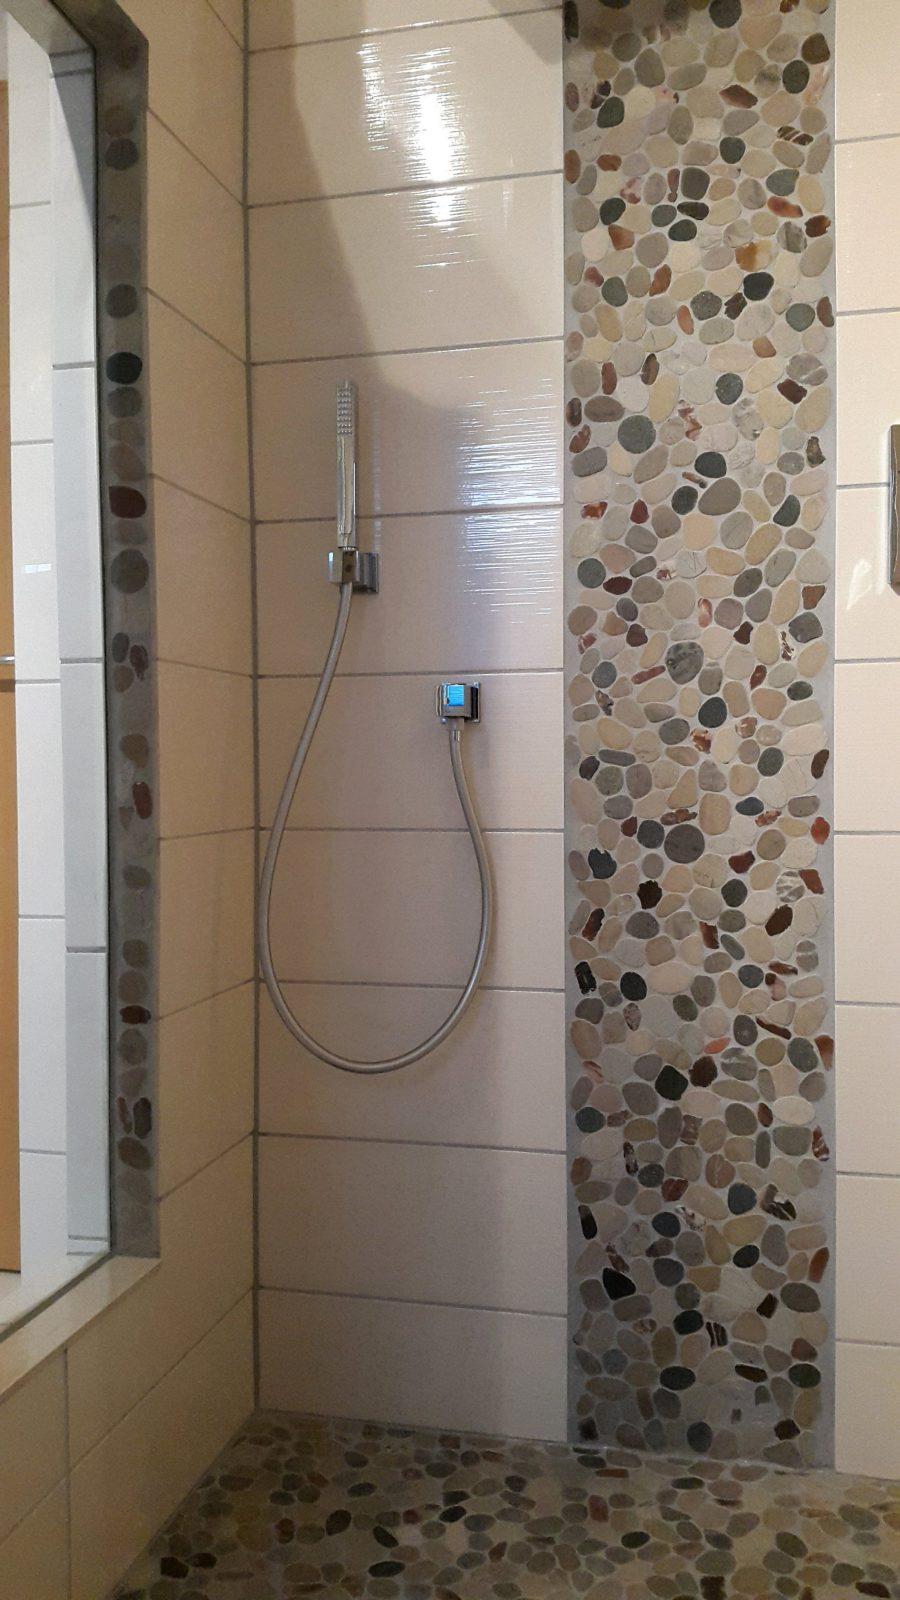 Mosaikfliesen In Der Dusche Badezimmer Fliesen Pinterest Mosaik von Mosaik Fliesen Dusche Boden Bild